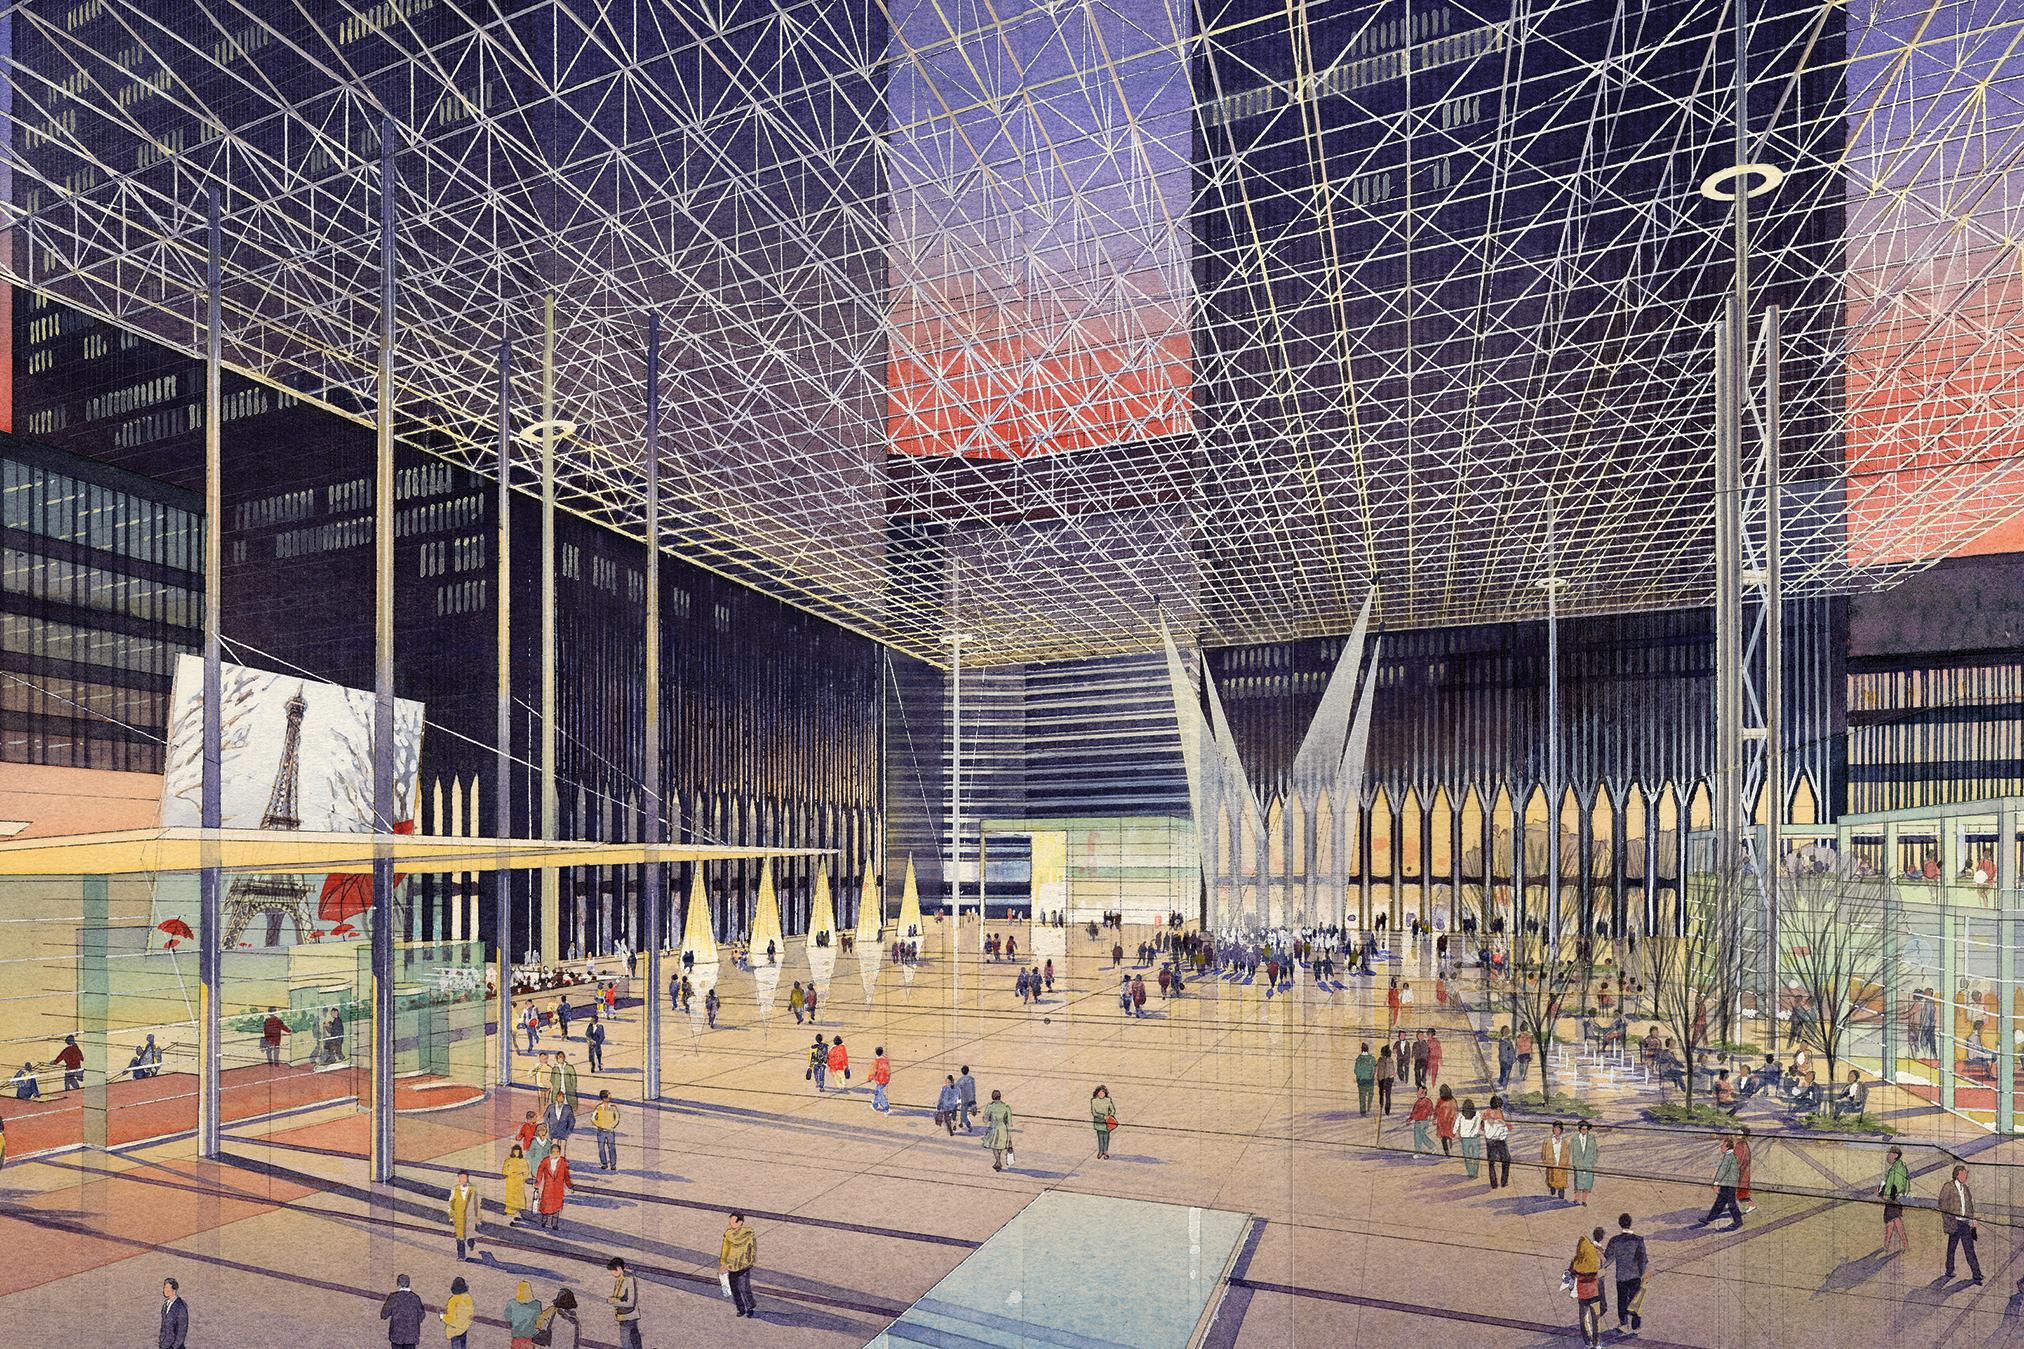 World Trade Center Public Spaces Master Plan (1995)